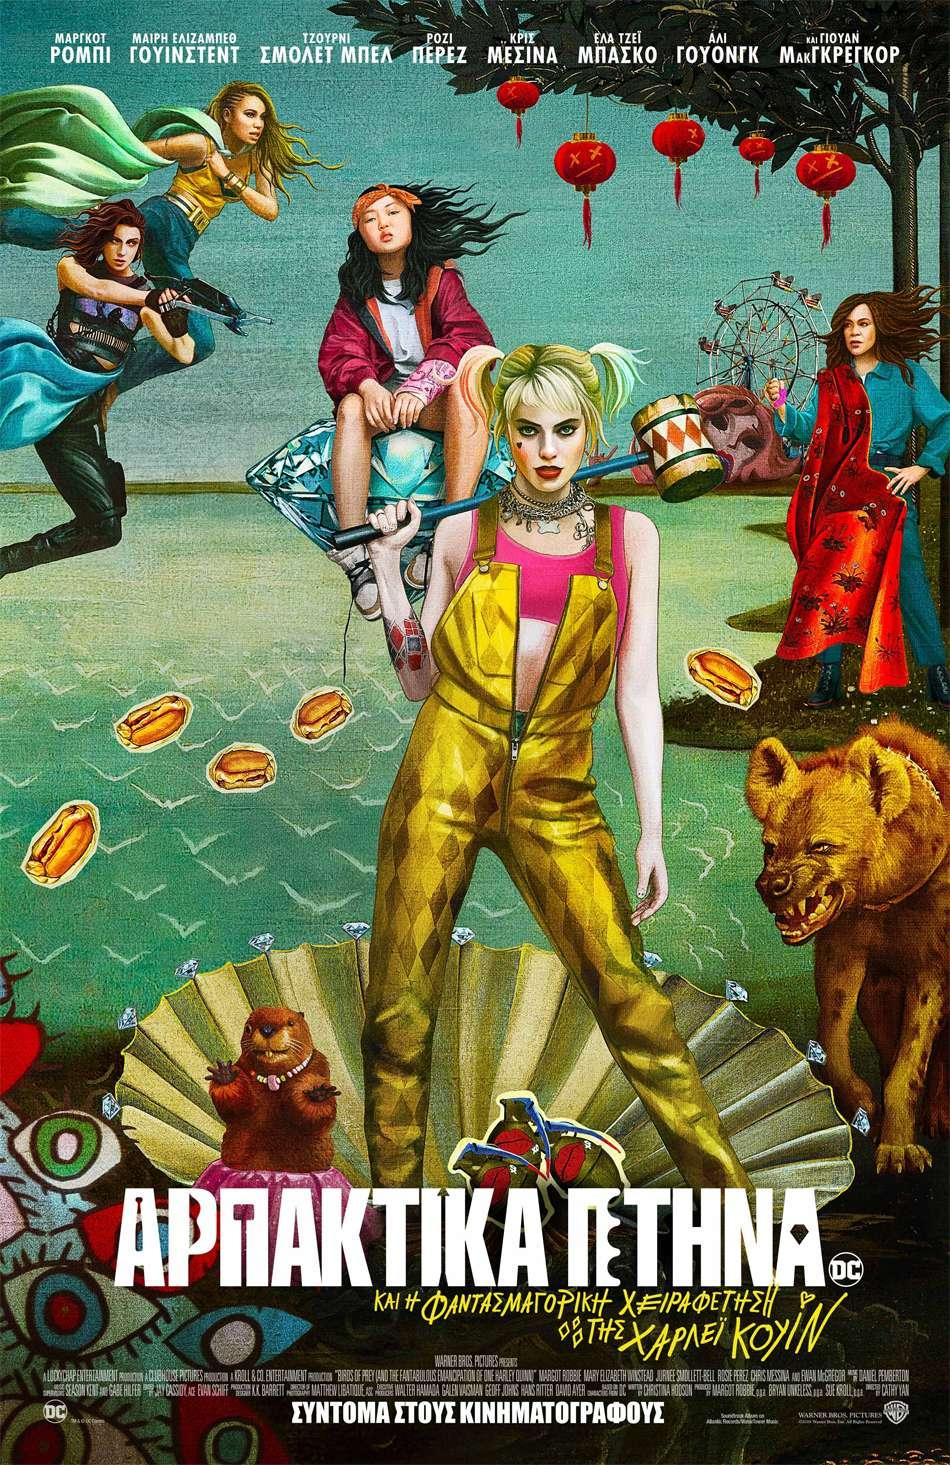 Αρπακτικά Πτηνά Και Η Φαντασμαγορική Χειραφέτηση Της Χάρλει Κουίν (Birds Of Prey & The Fantabulous Emancipation Of One Harley Quinn) - Trailer / Τρέιλερ Poster